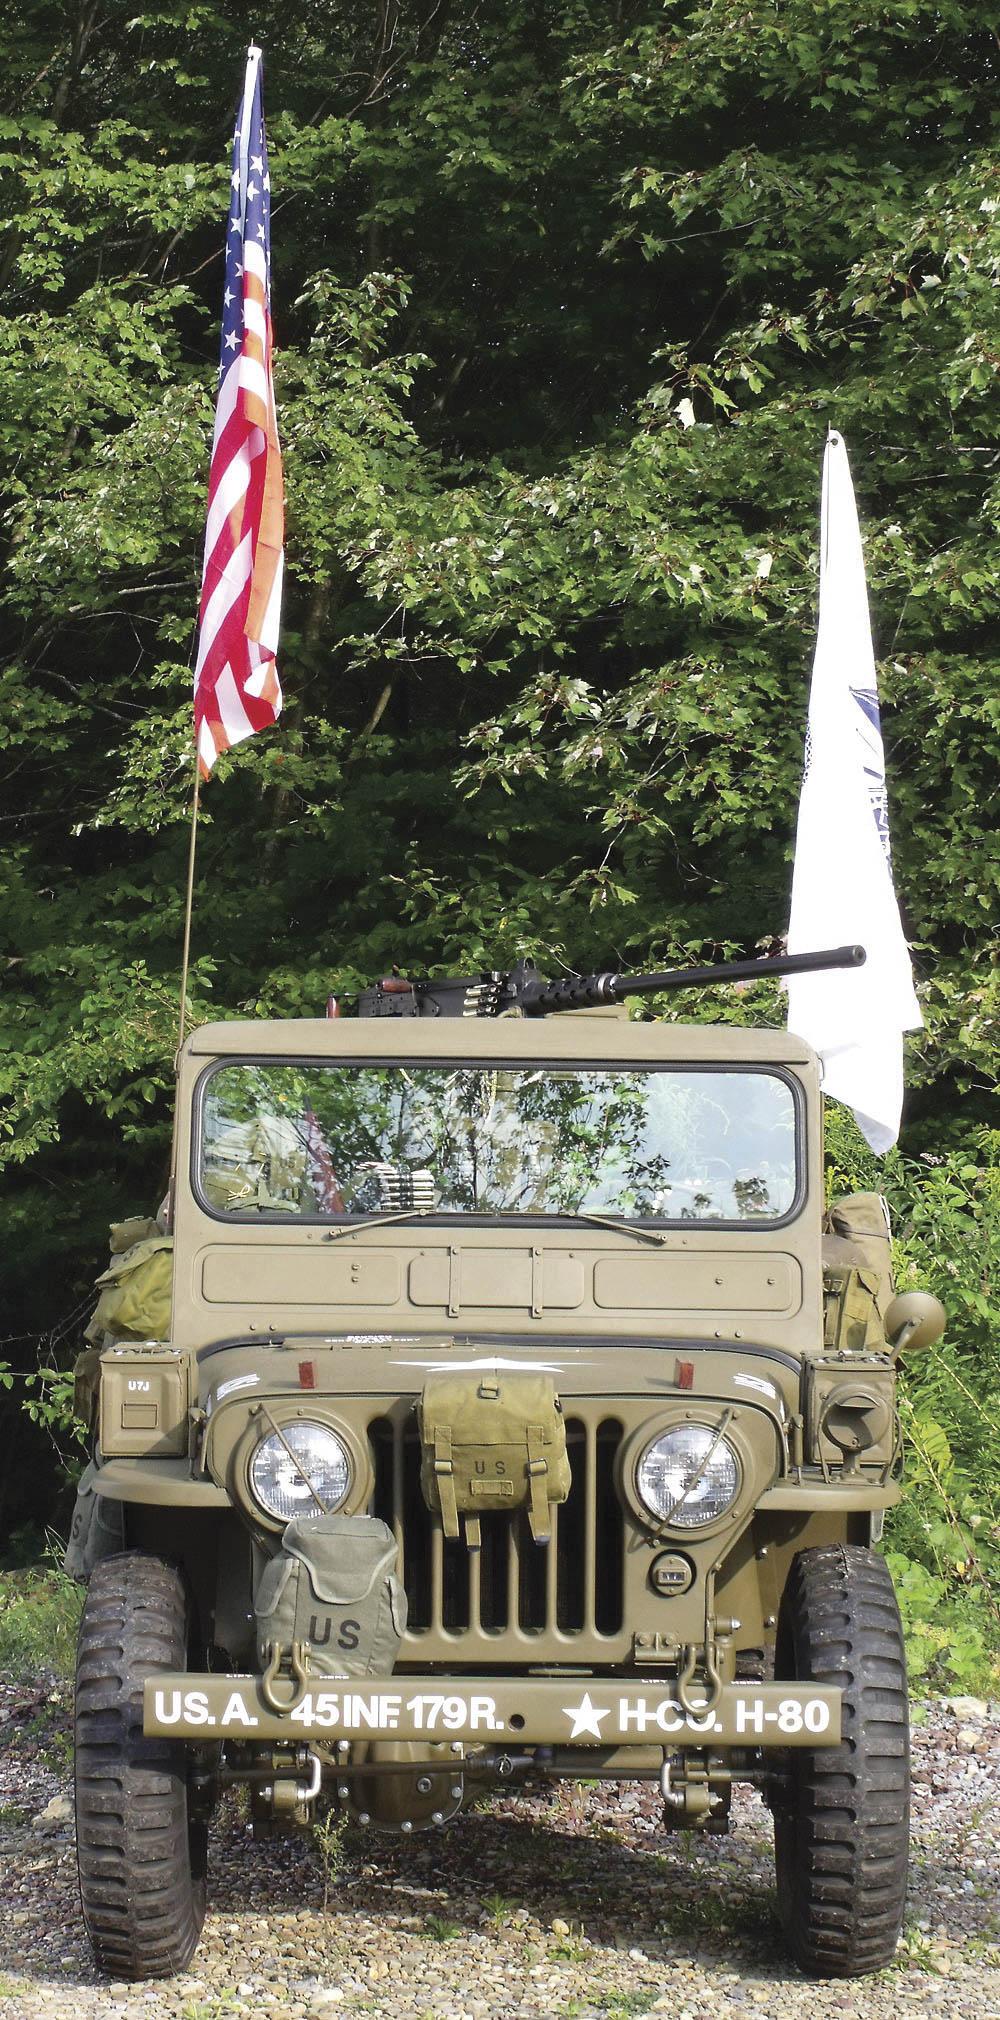 1952 Willys M38 Korean War Jeep front